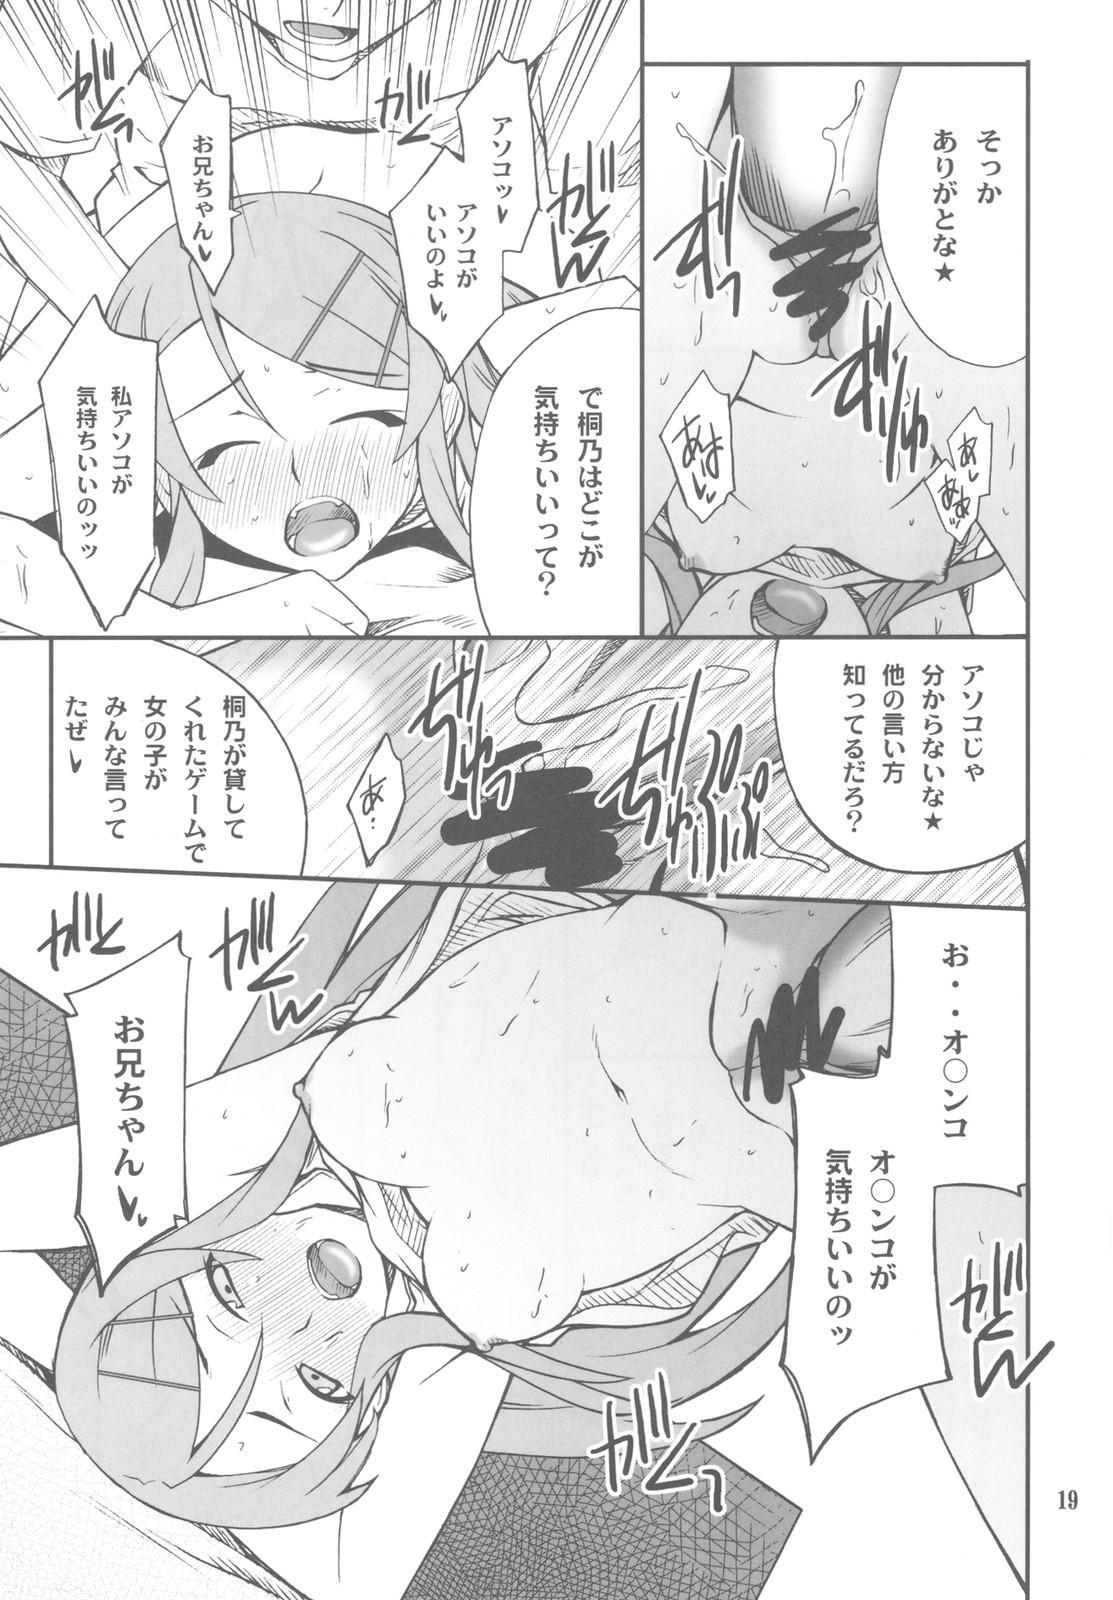 Ore x Imouto Kouryaku Daisakusen!! 02 + Omake Hon 18